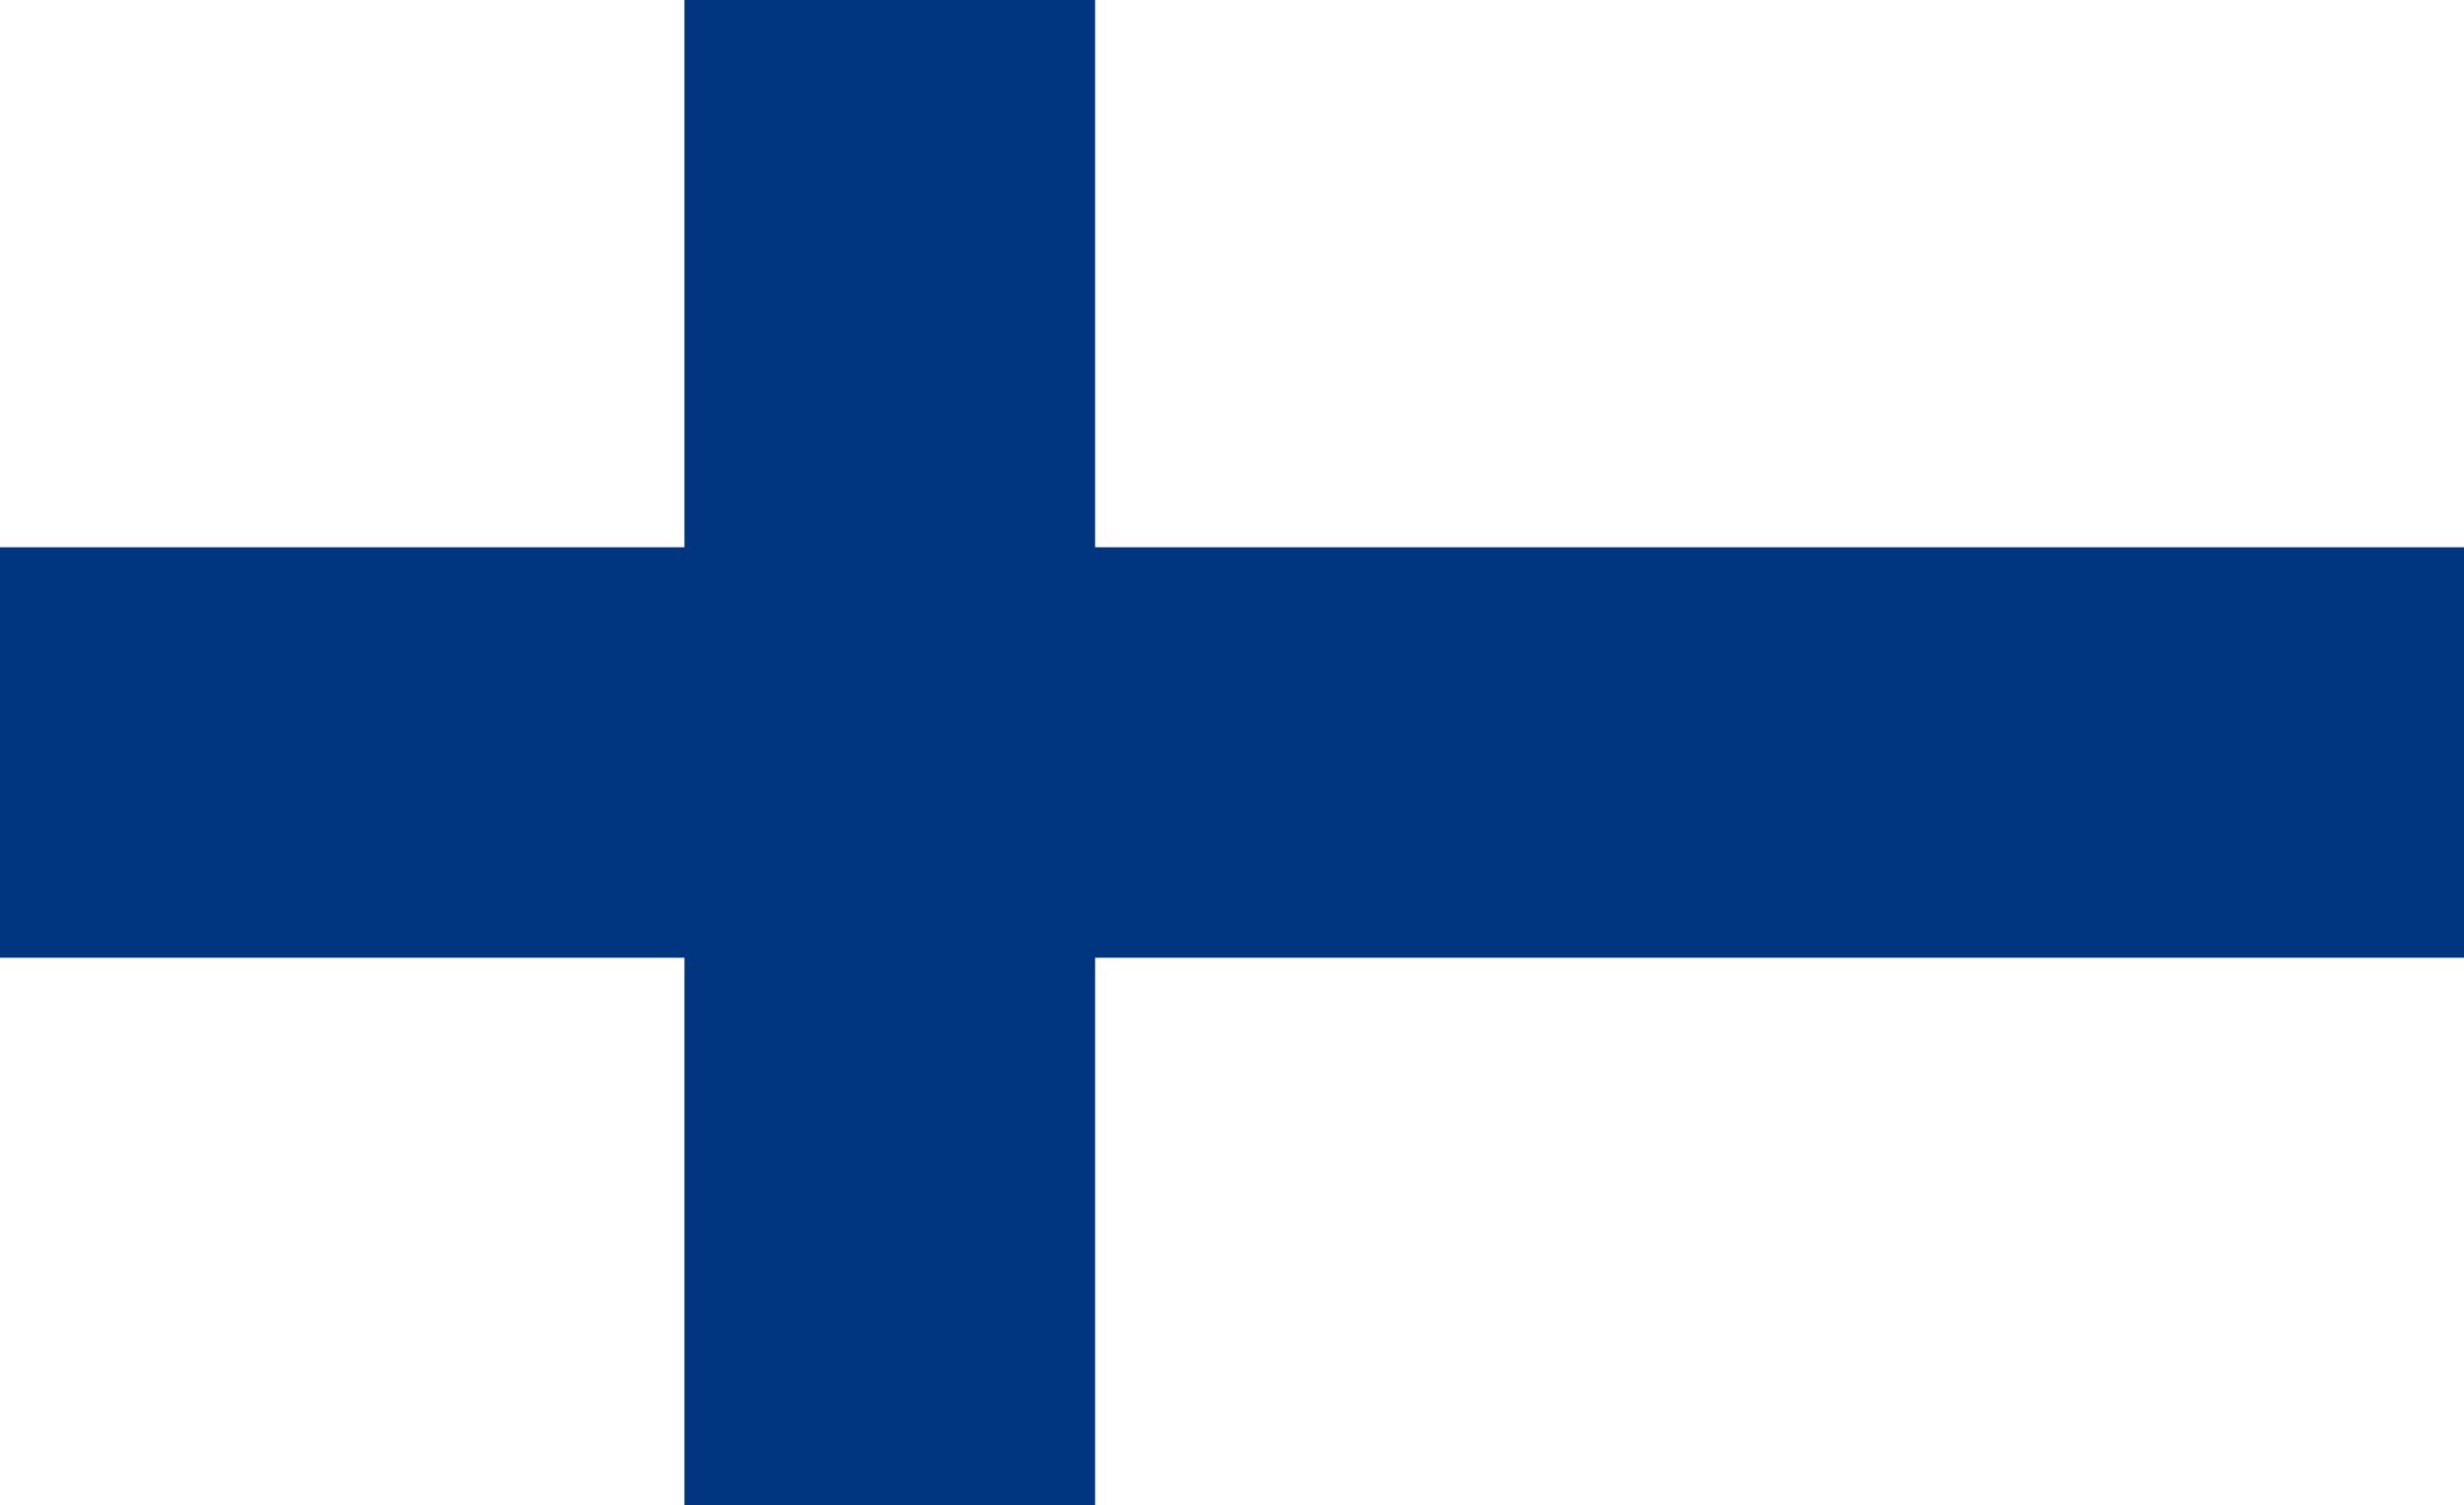 Finlande, pays, emblème, logo, symbole - Fonds d'écran HD - Professor-falken.com